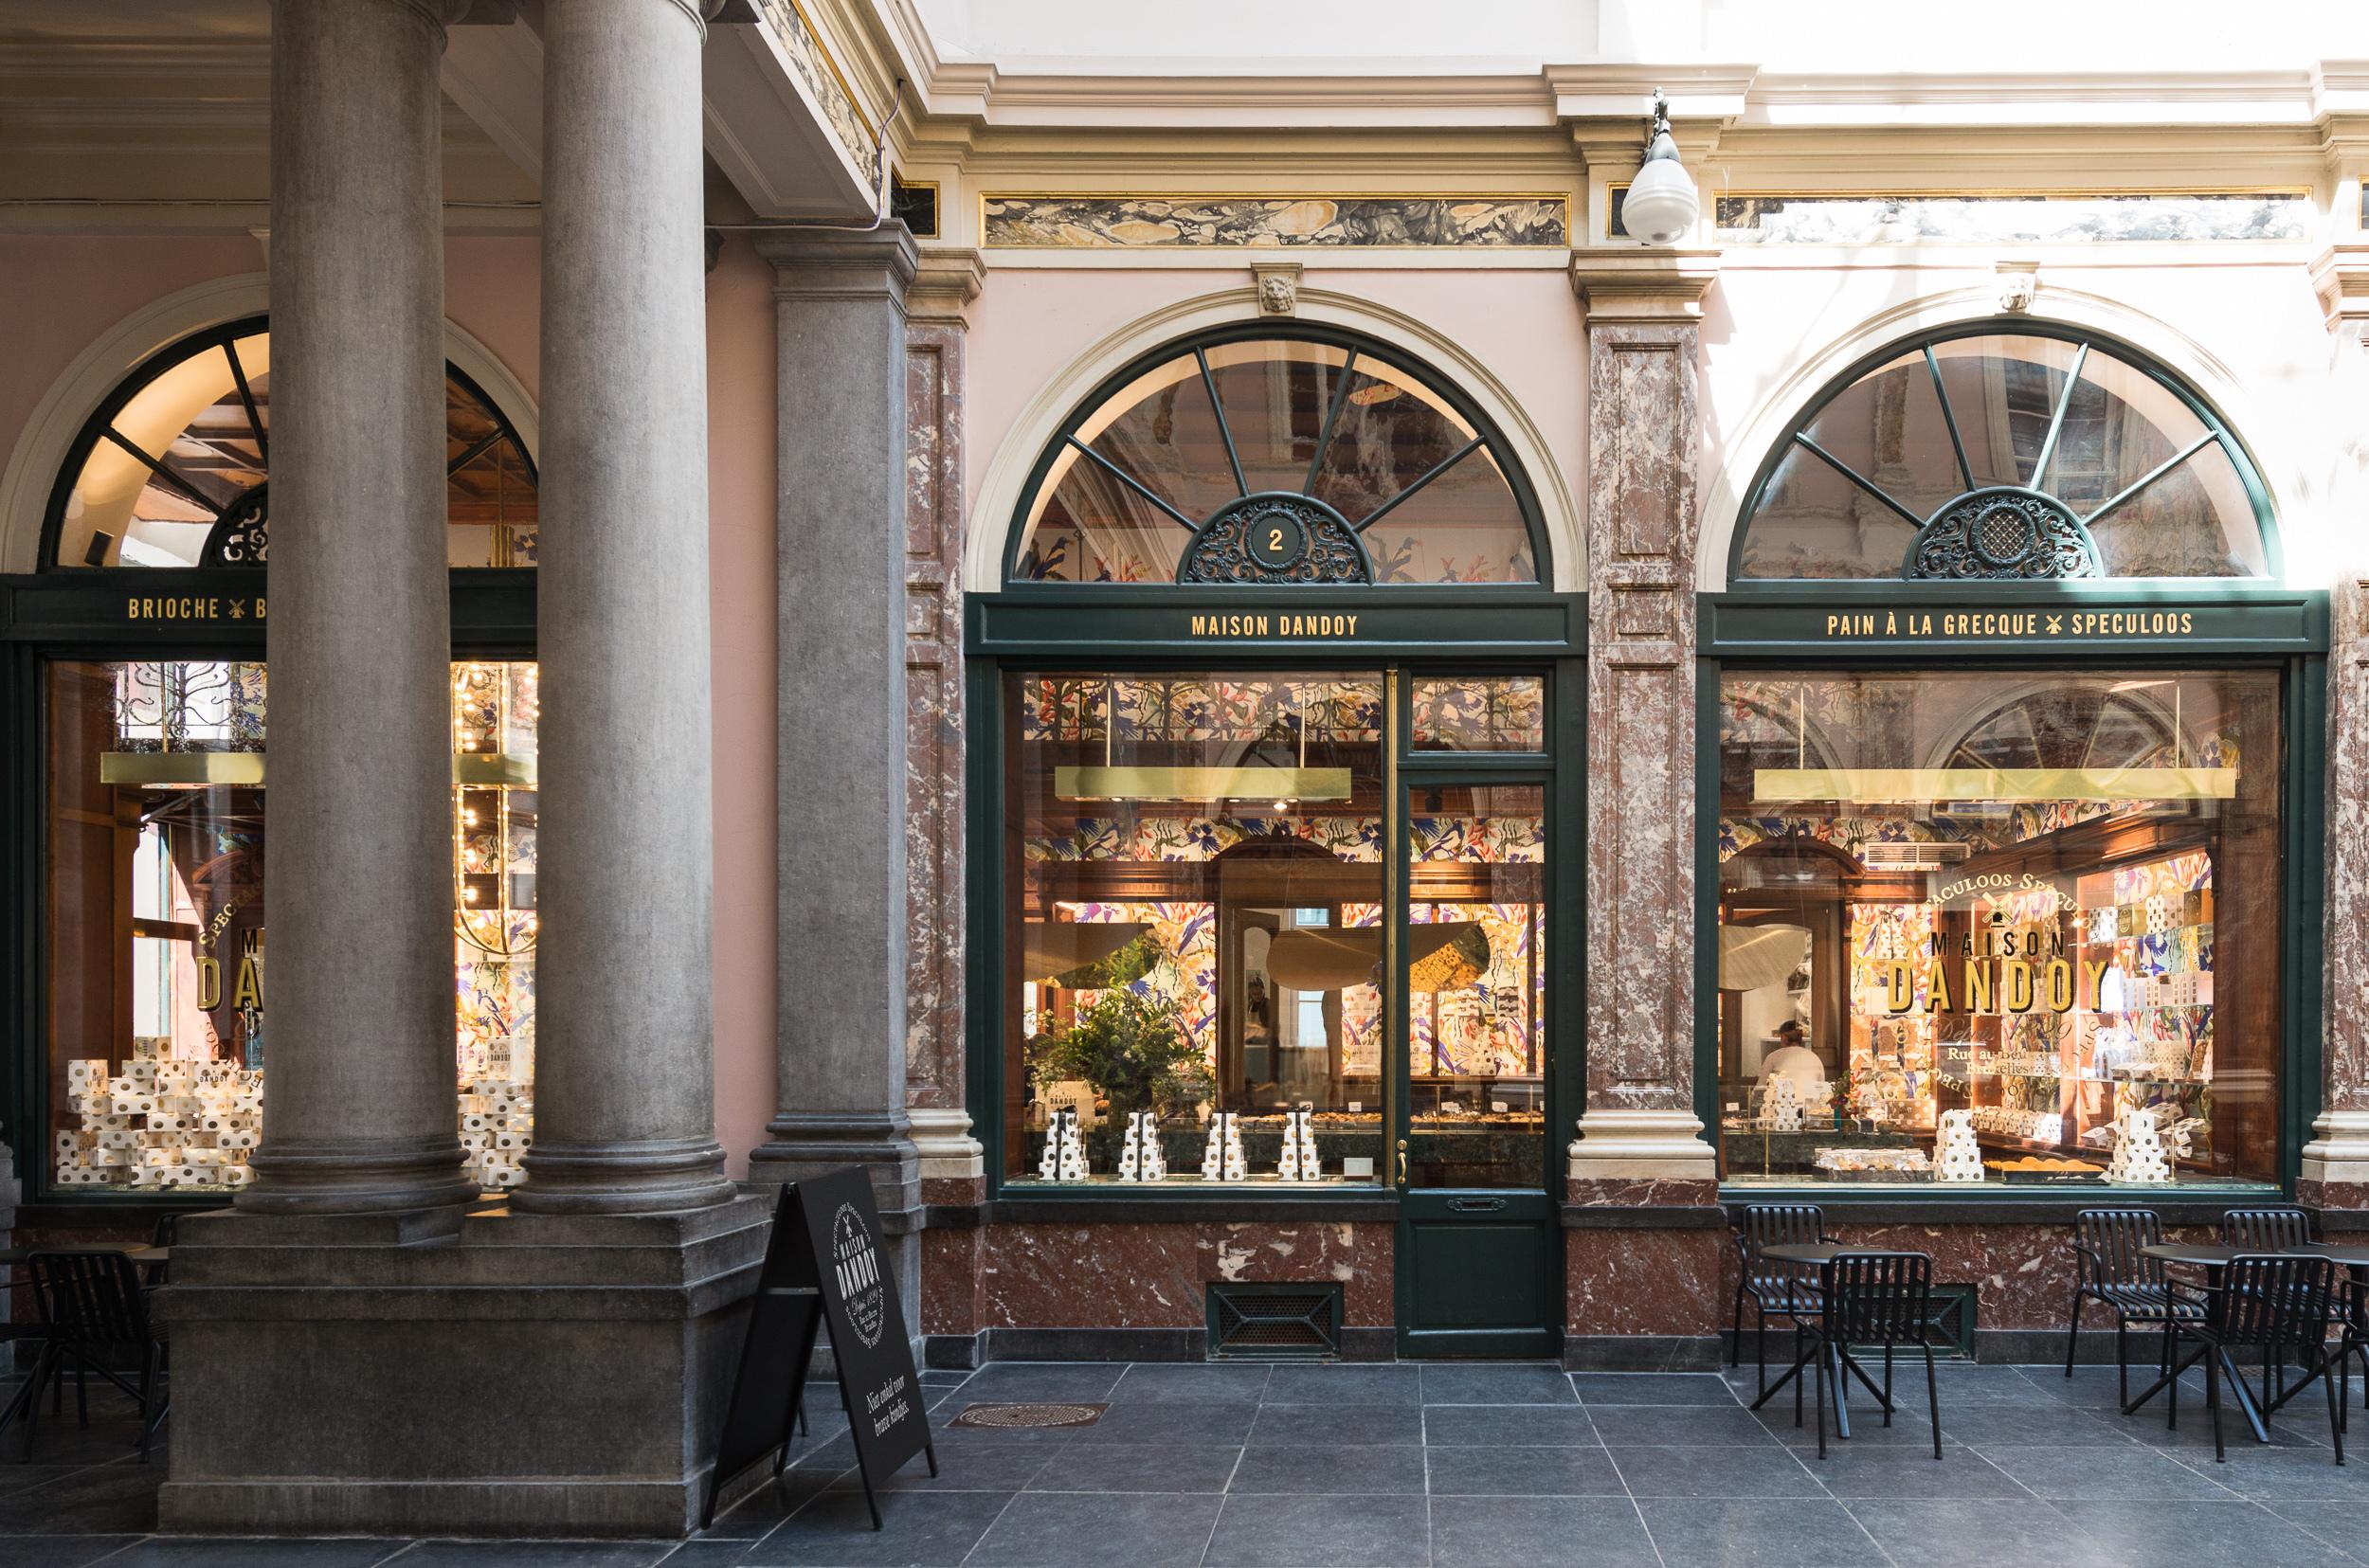 La maison dandoy s 39 agrandit maison dandoy - Maison de la chine boutique ...